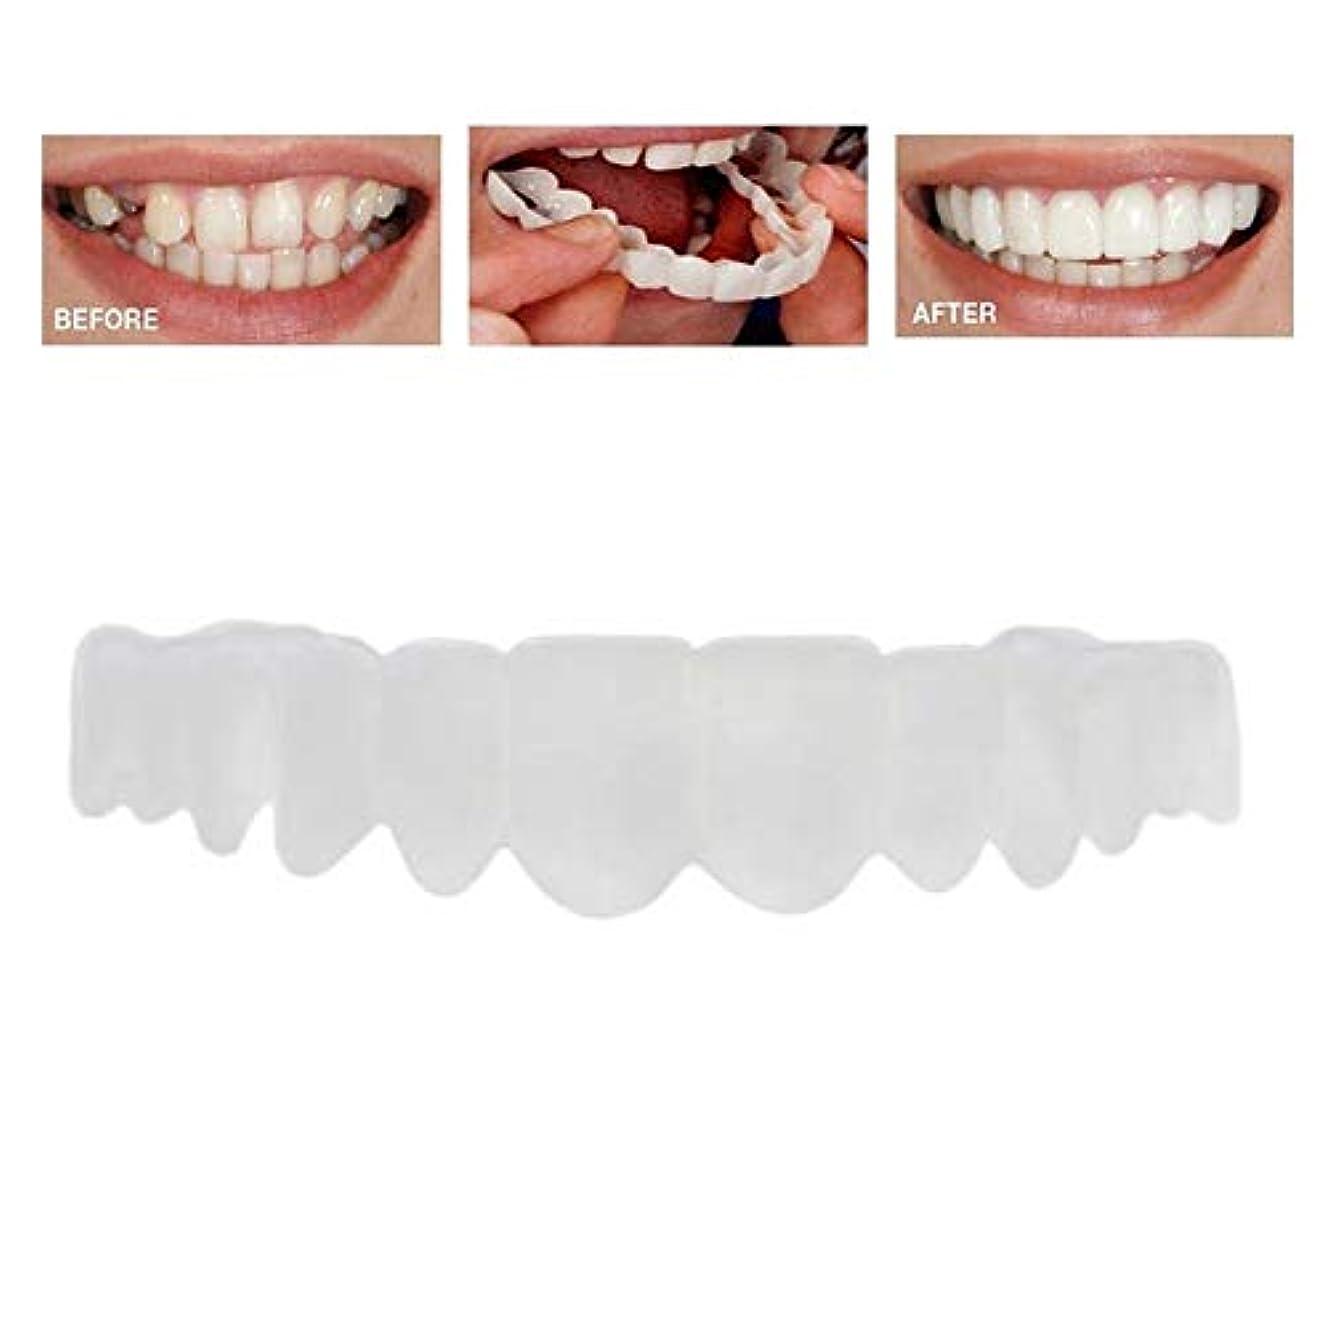 意志スカイ振動する15ピースの歯の化粧品の快適さフィット歯の義歯歯の上のベニヤの歯ワンサイズフィット最も快適な義歯